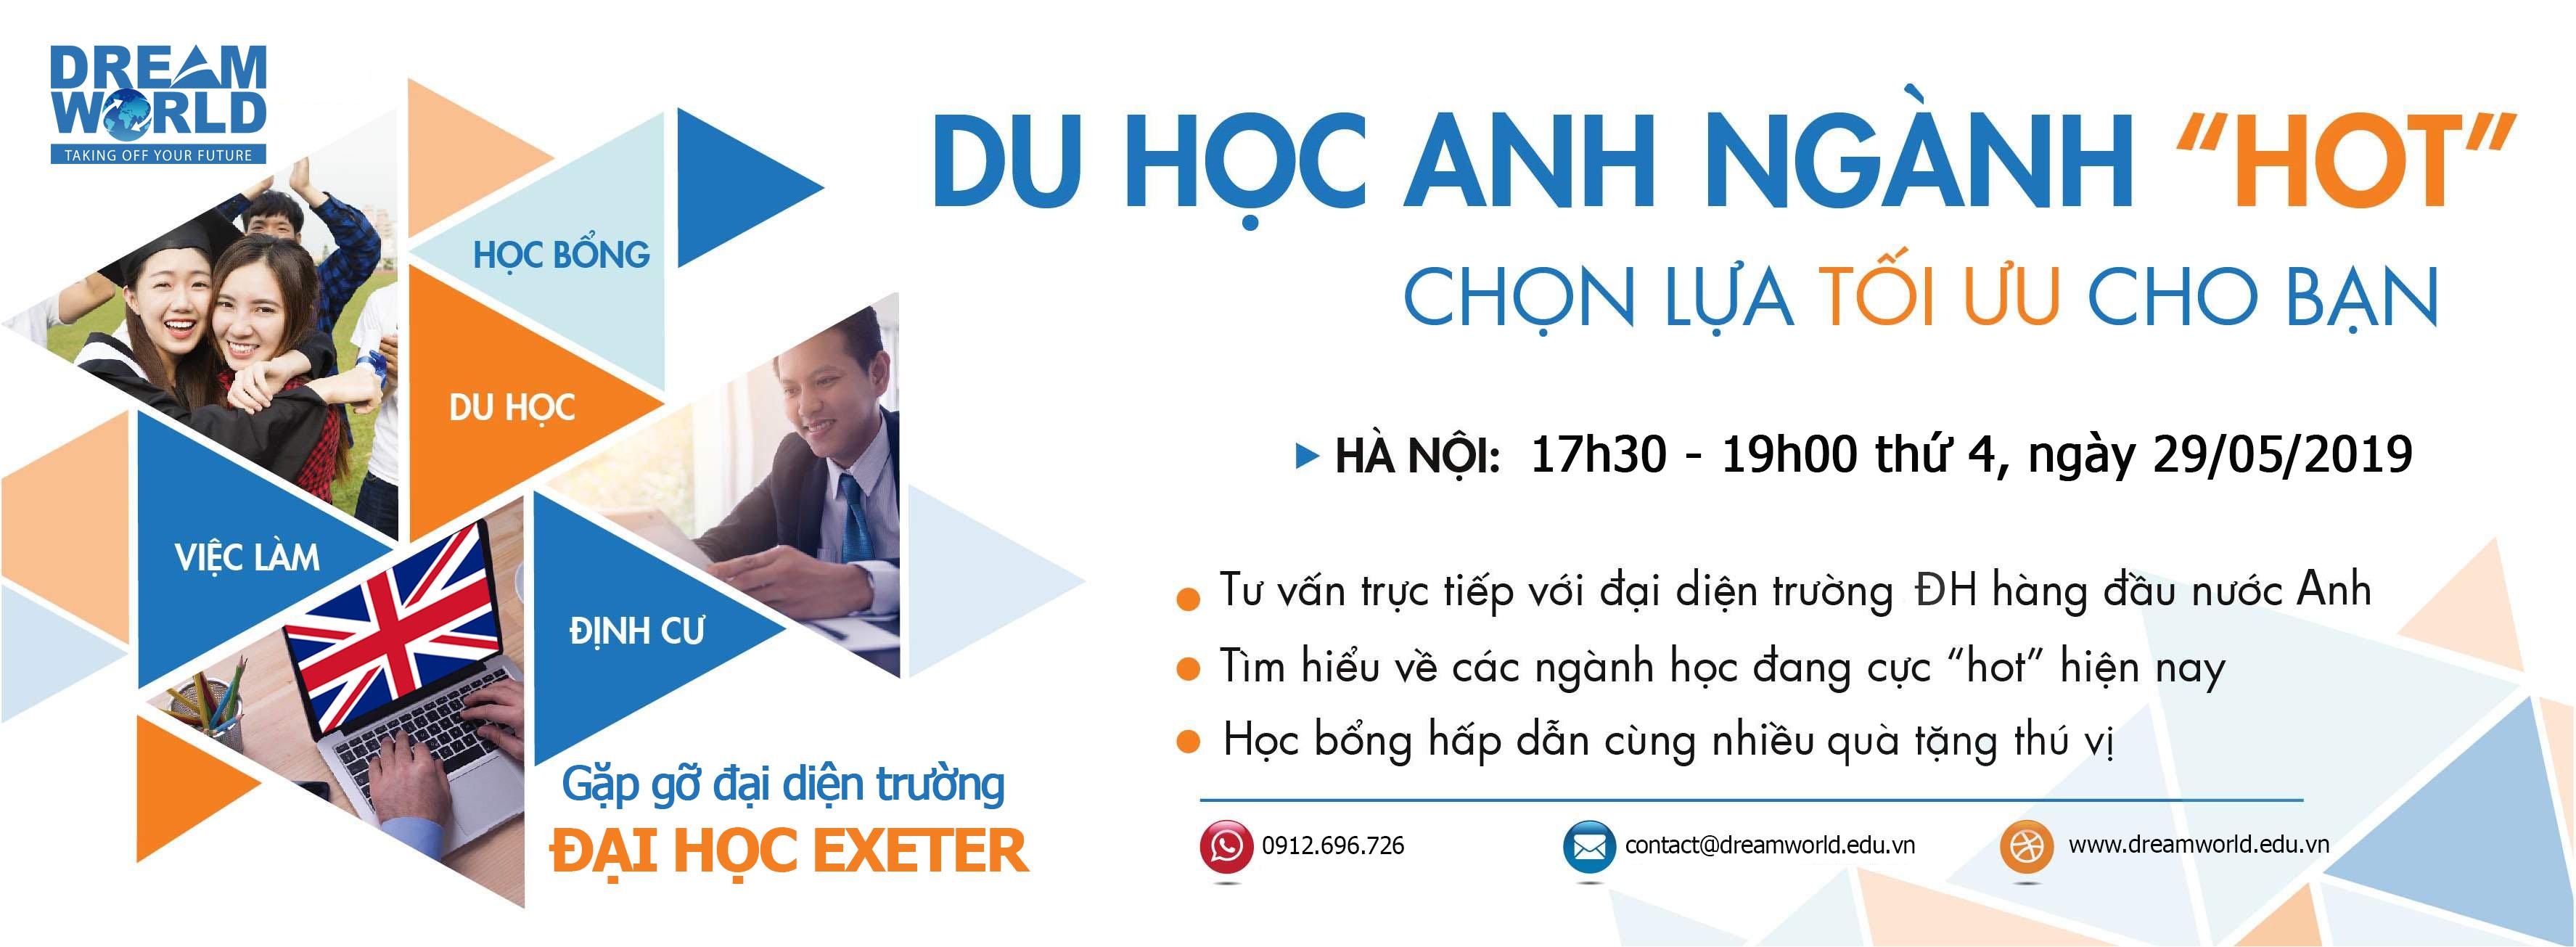 dai-hoc-exeter